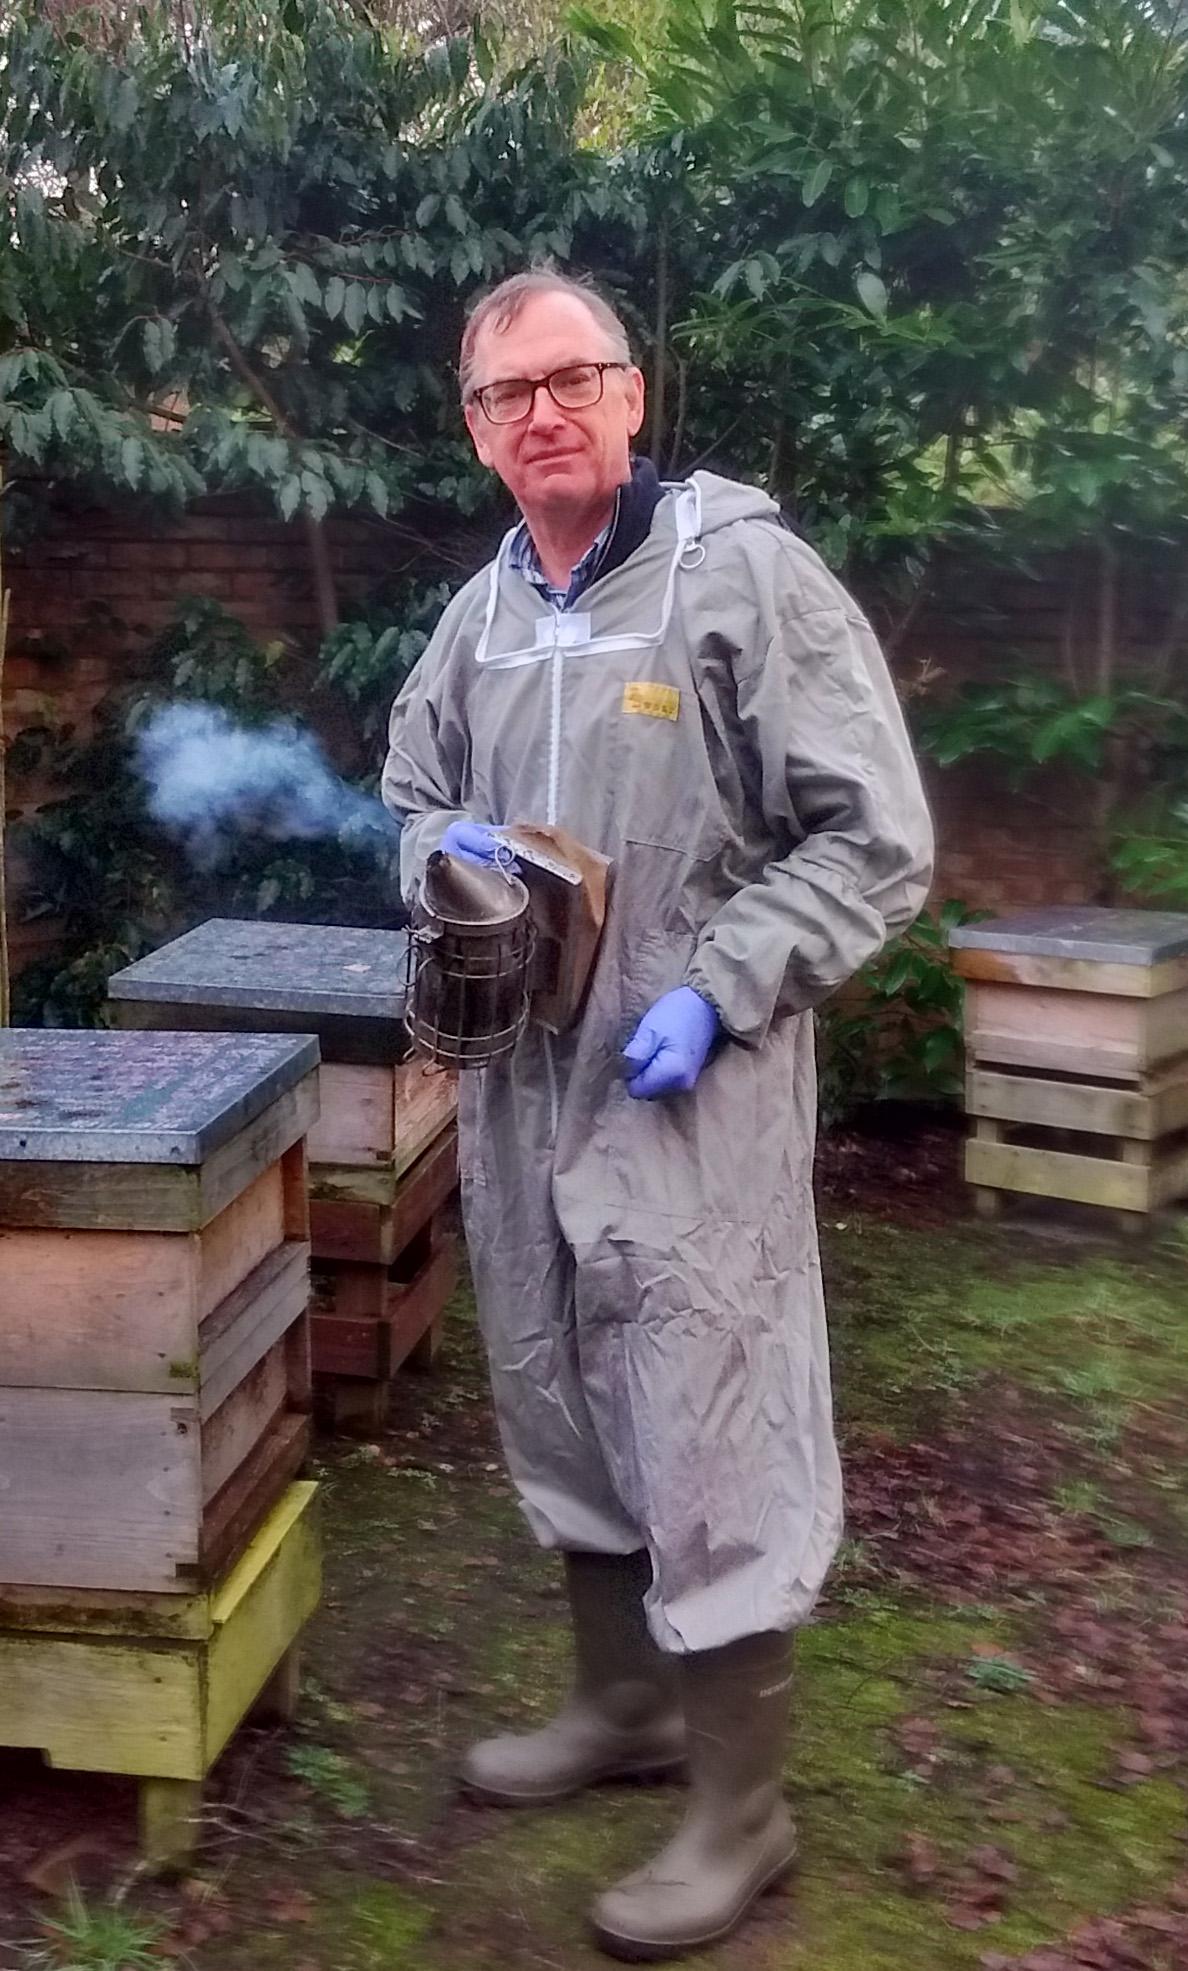 Beekeeper Charles Millar